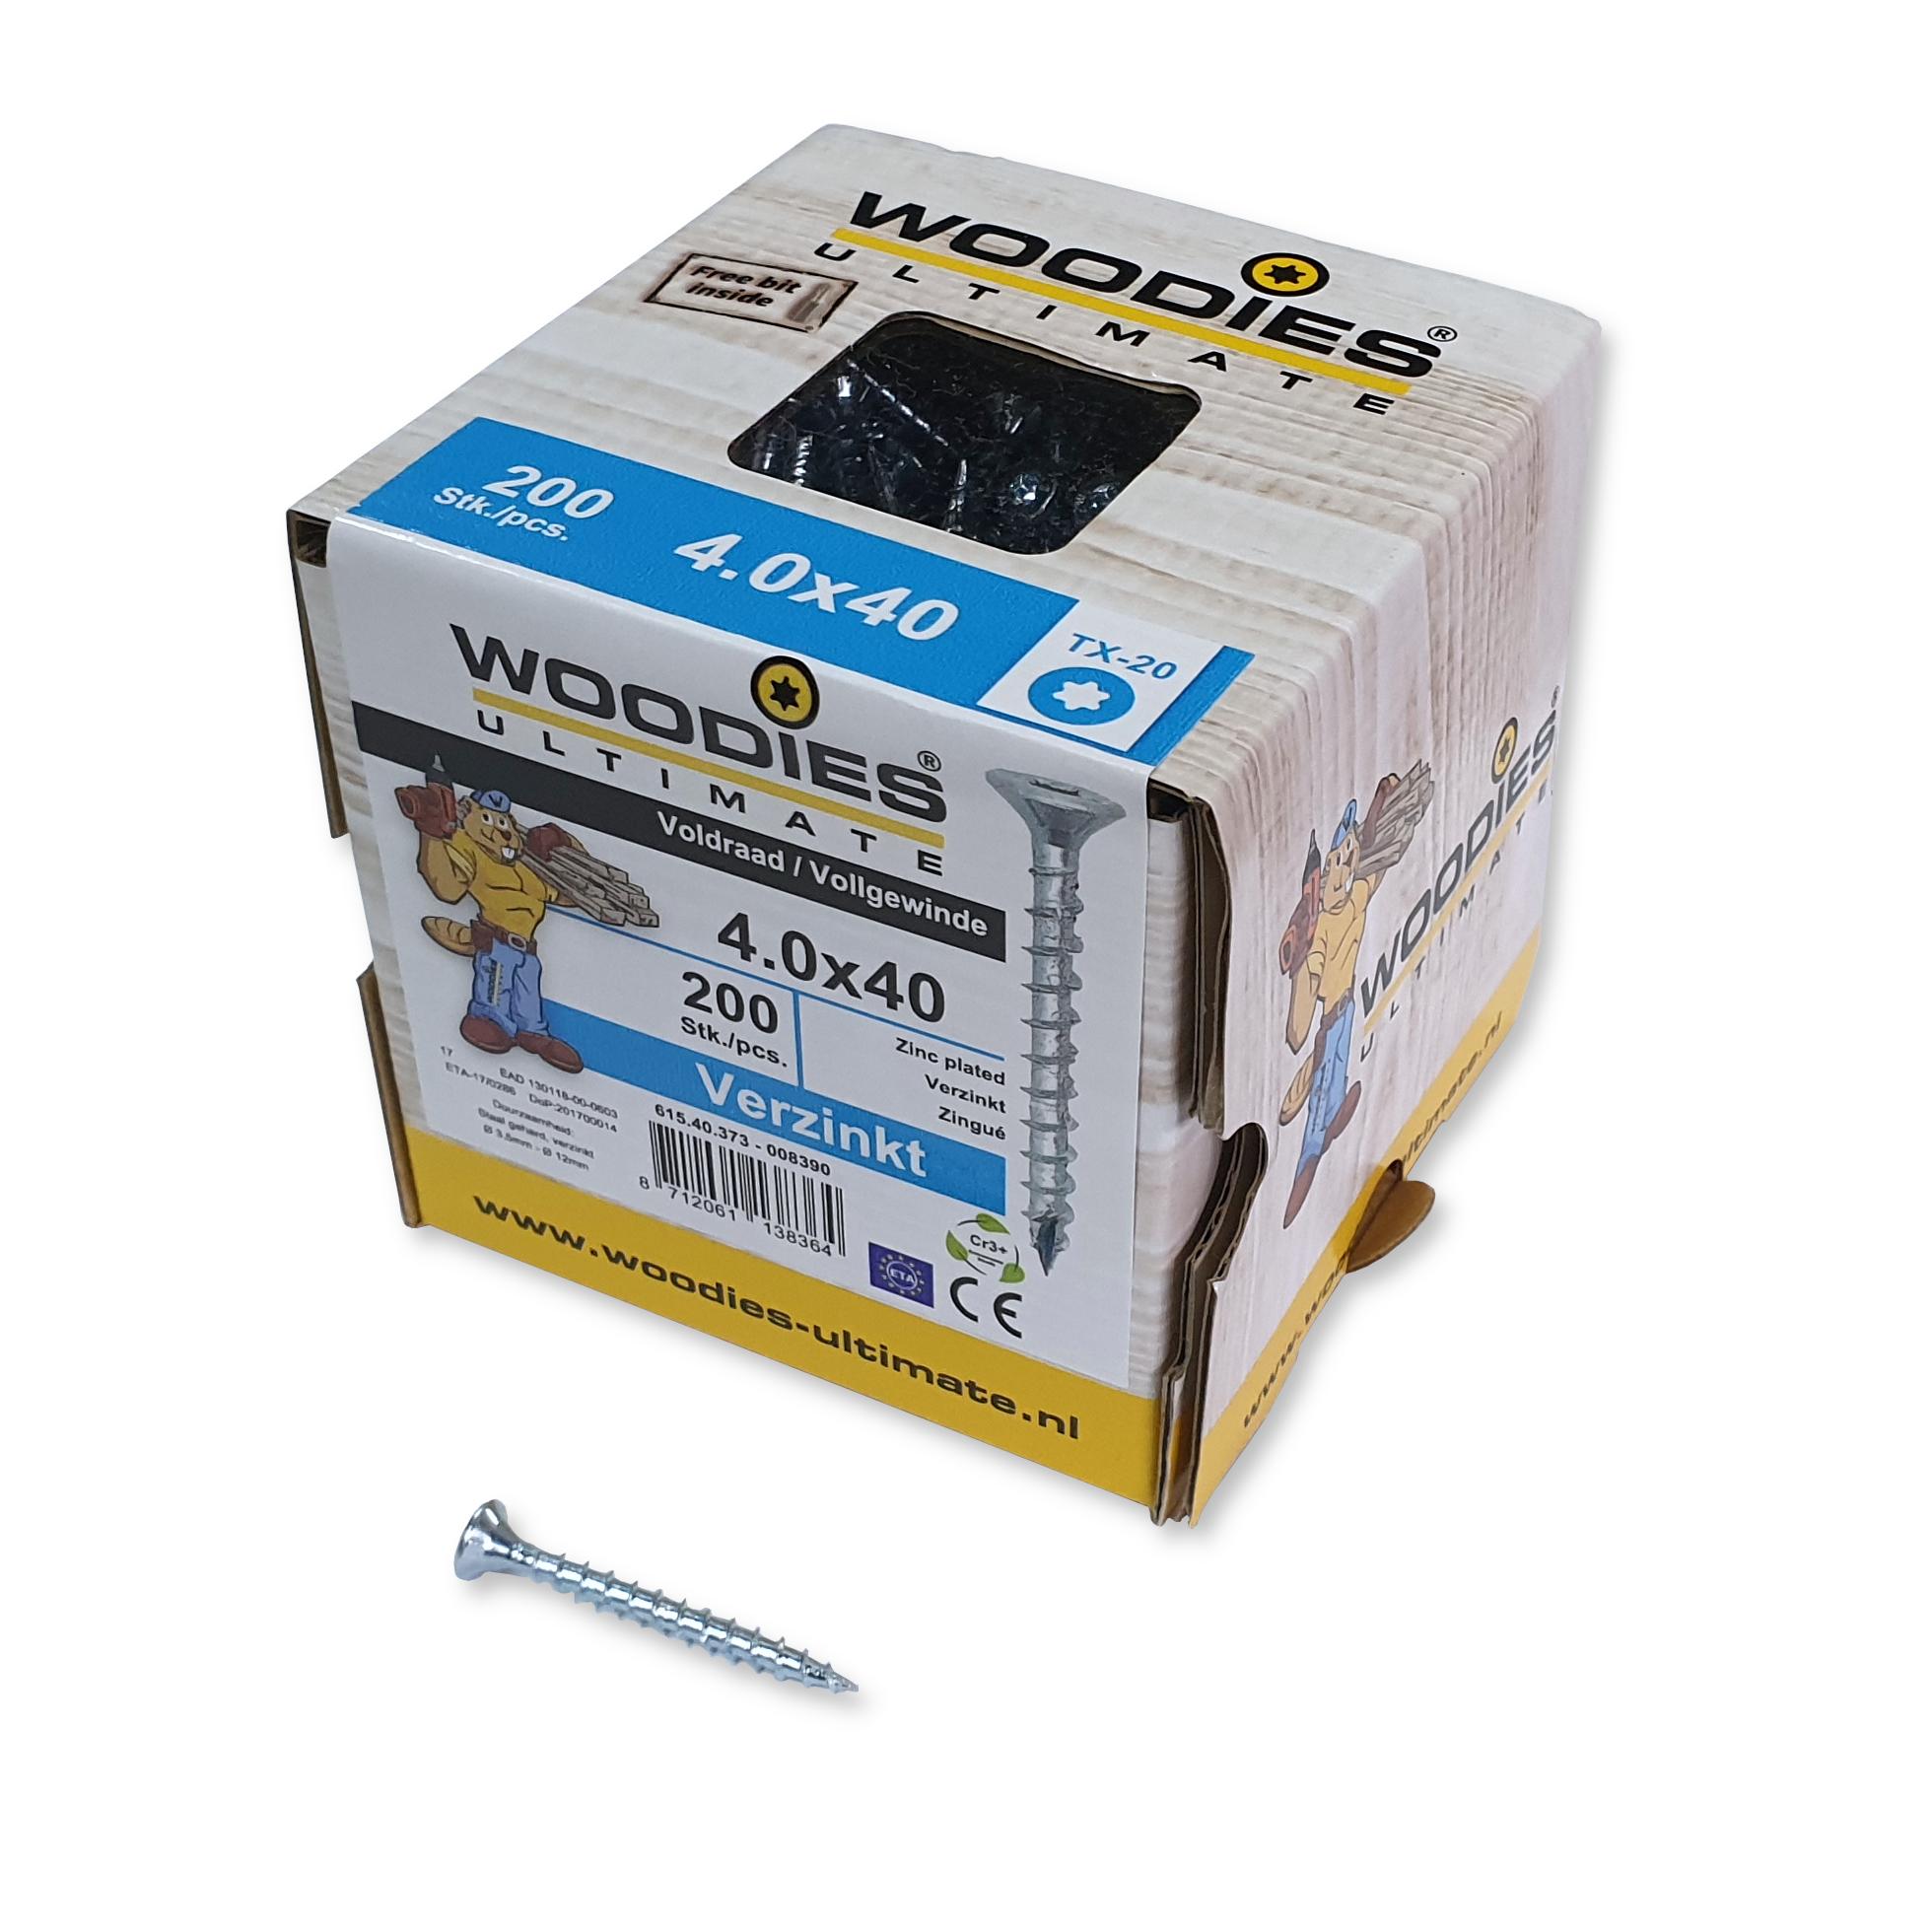 Woodies Spaanplaatschroef platkop verzinkt T 20 4.0x40mm voldraad (Per 200 stuks)